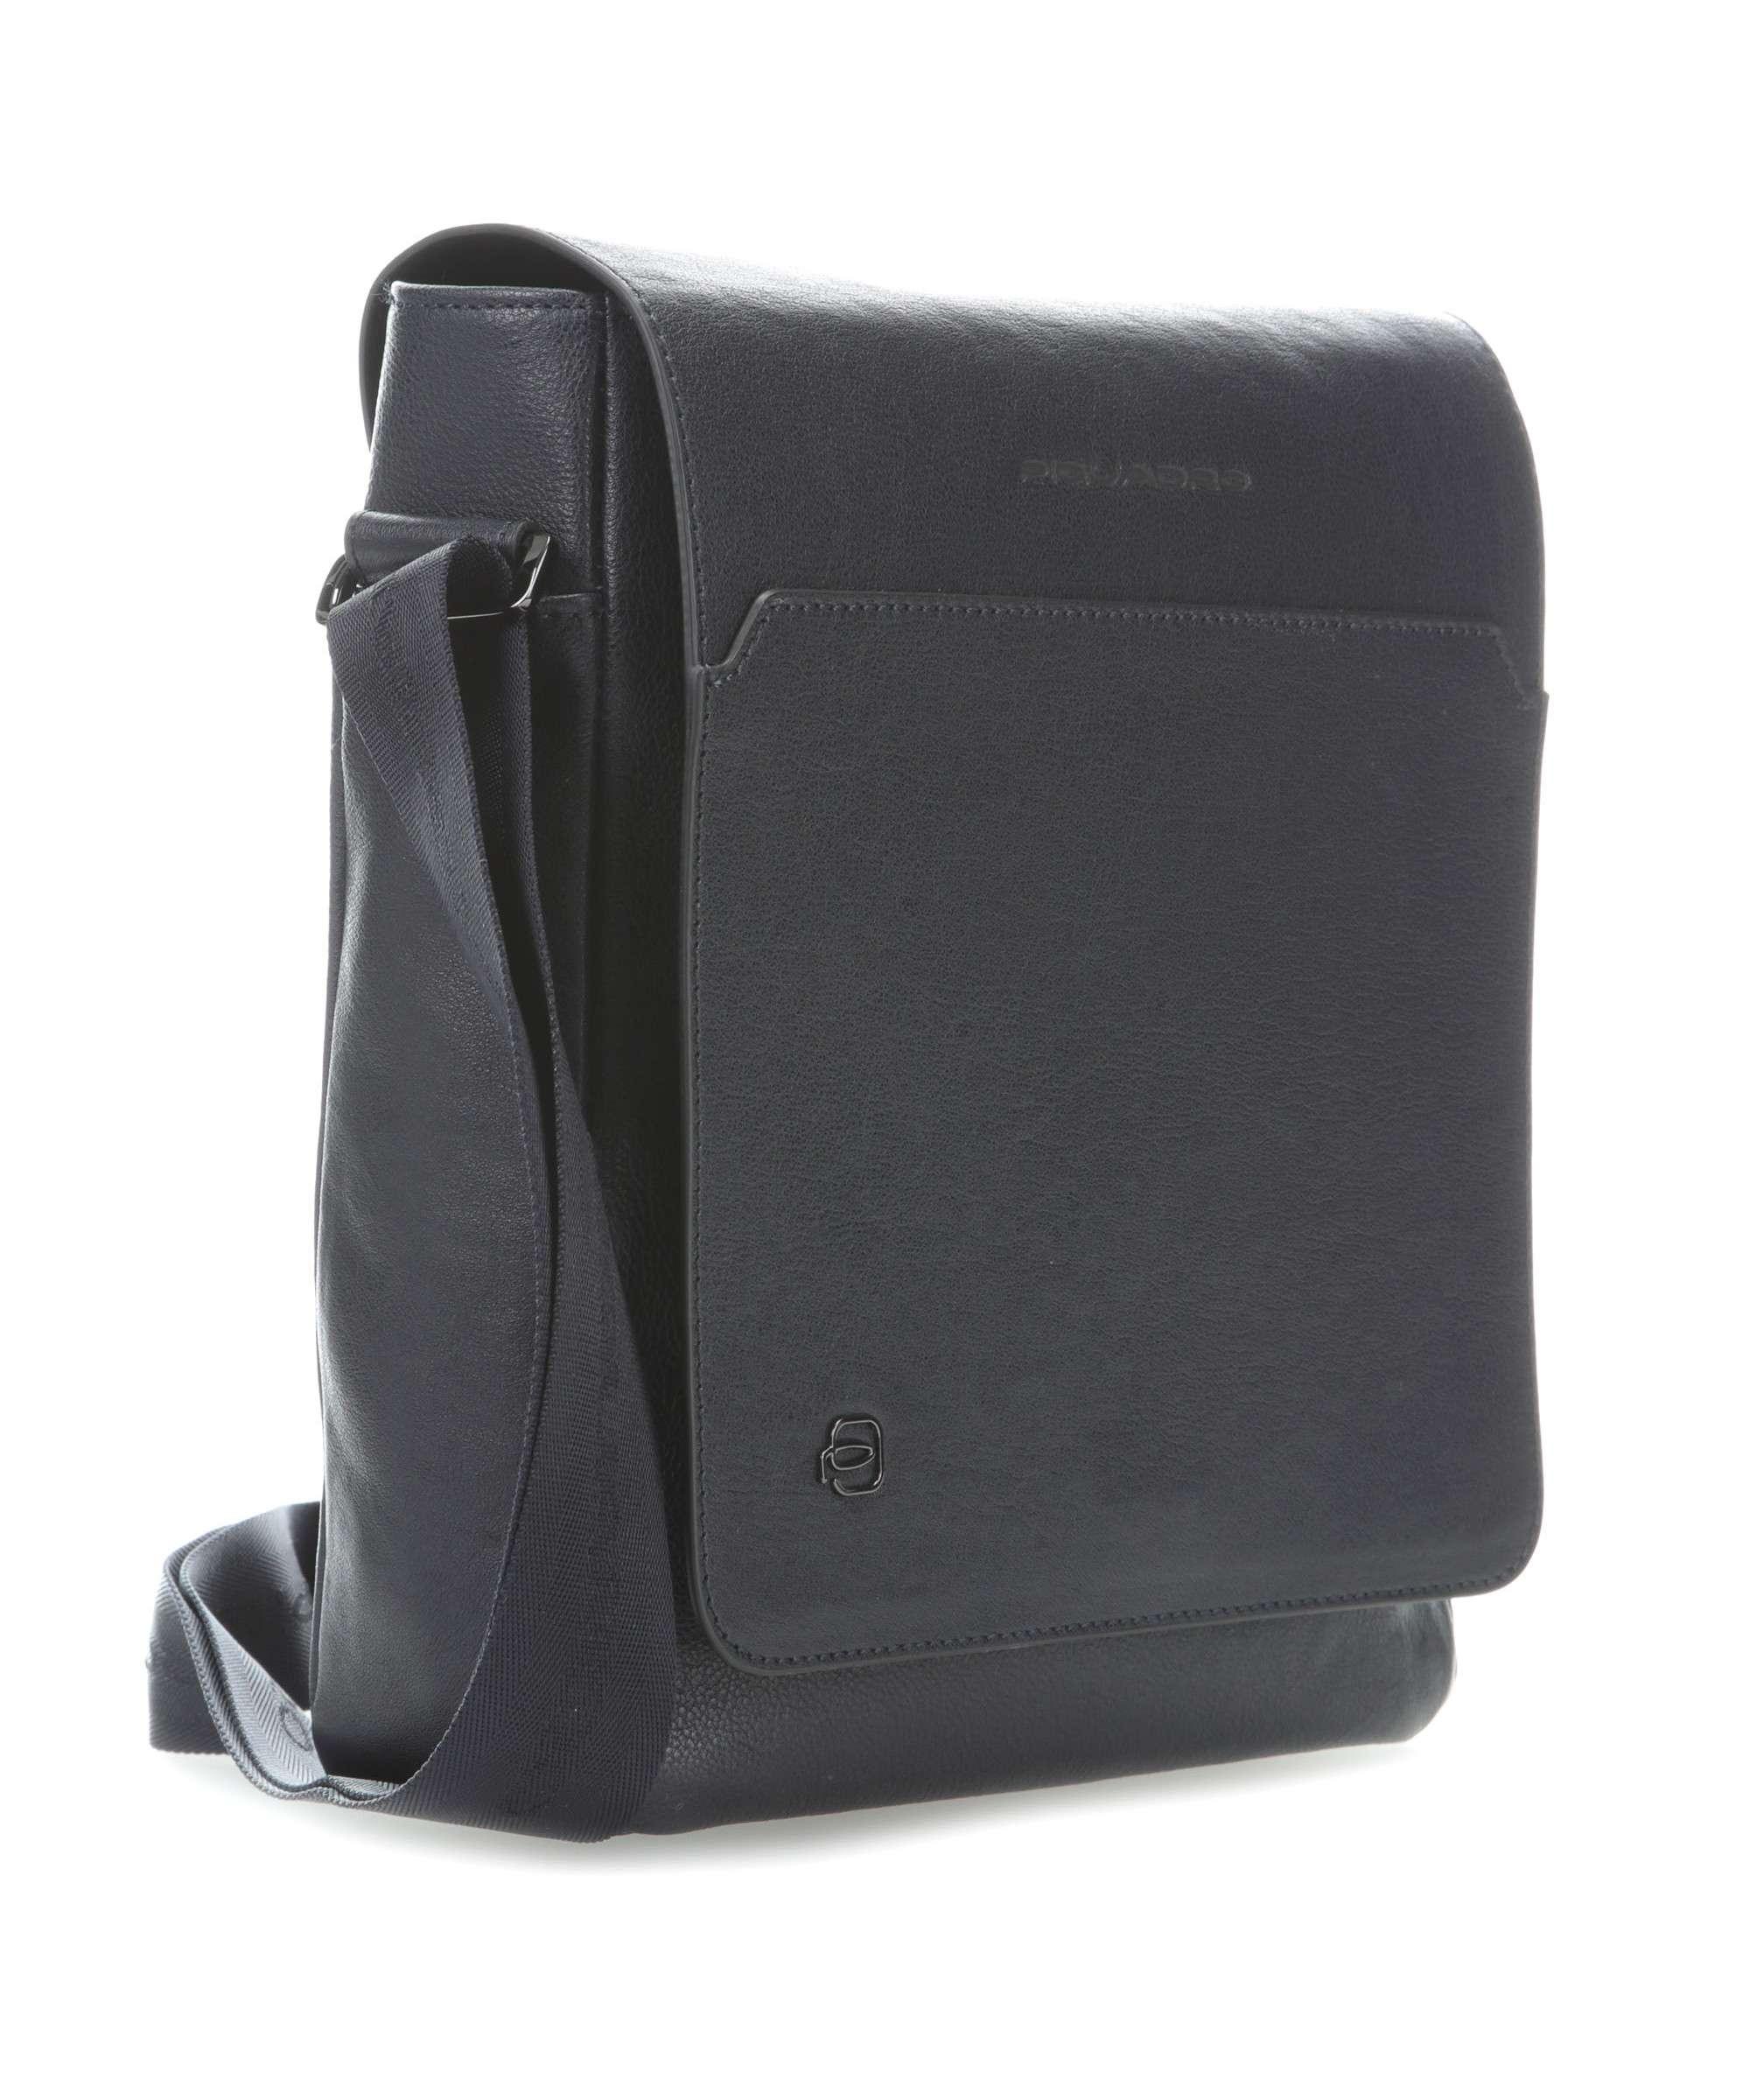 nuovo prodotto eb988 98f95 Borsa a tracolla Piquadro pelle blu scuro Black Square CA1593B3 ...